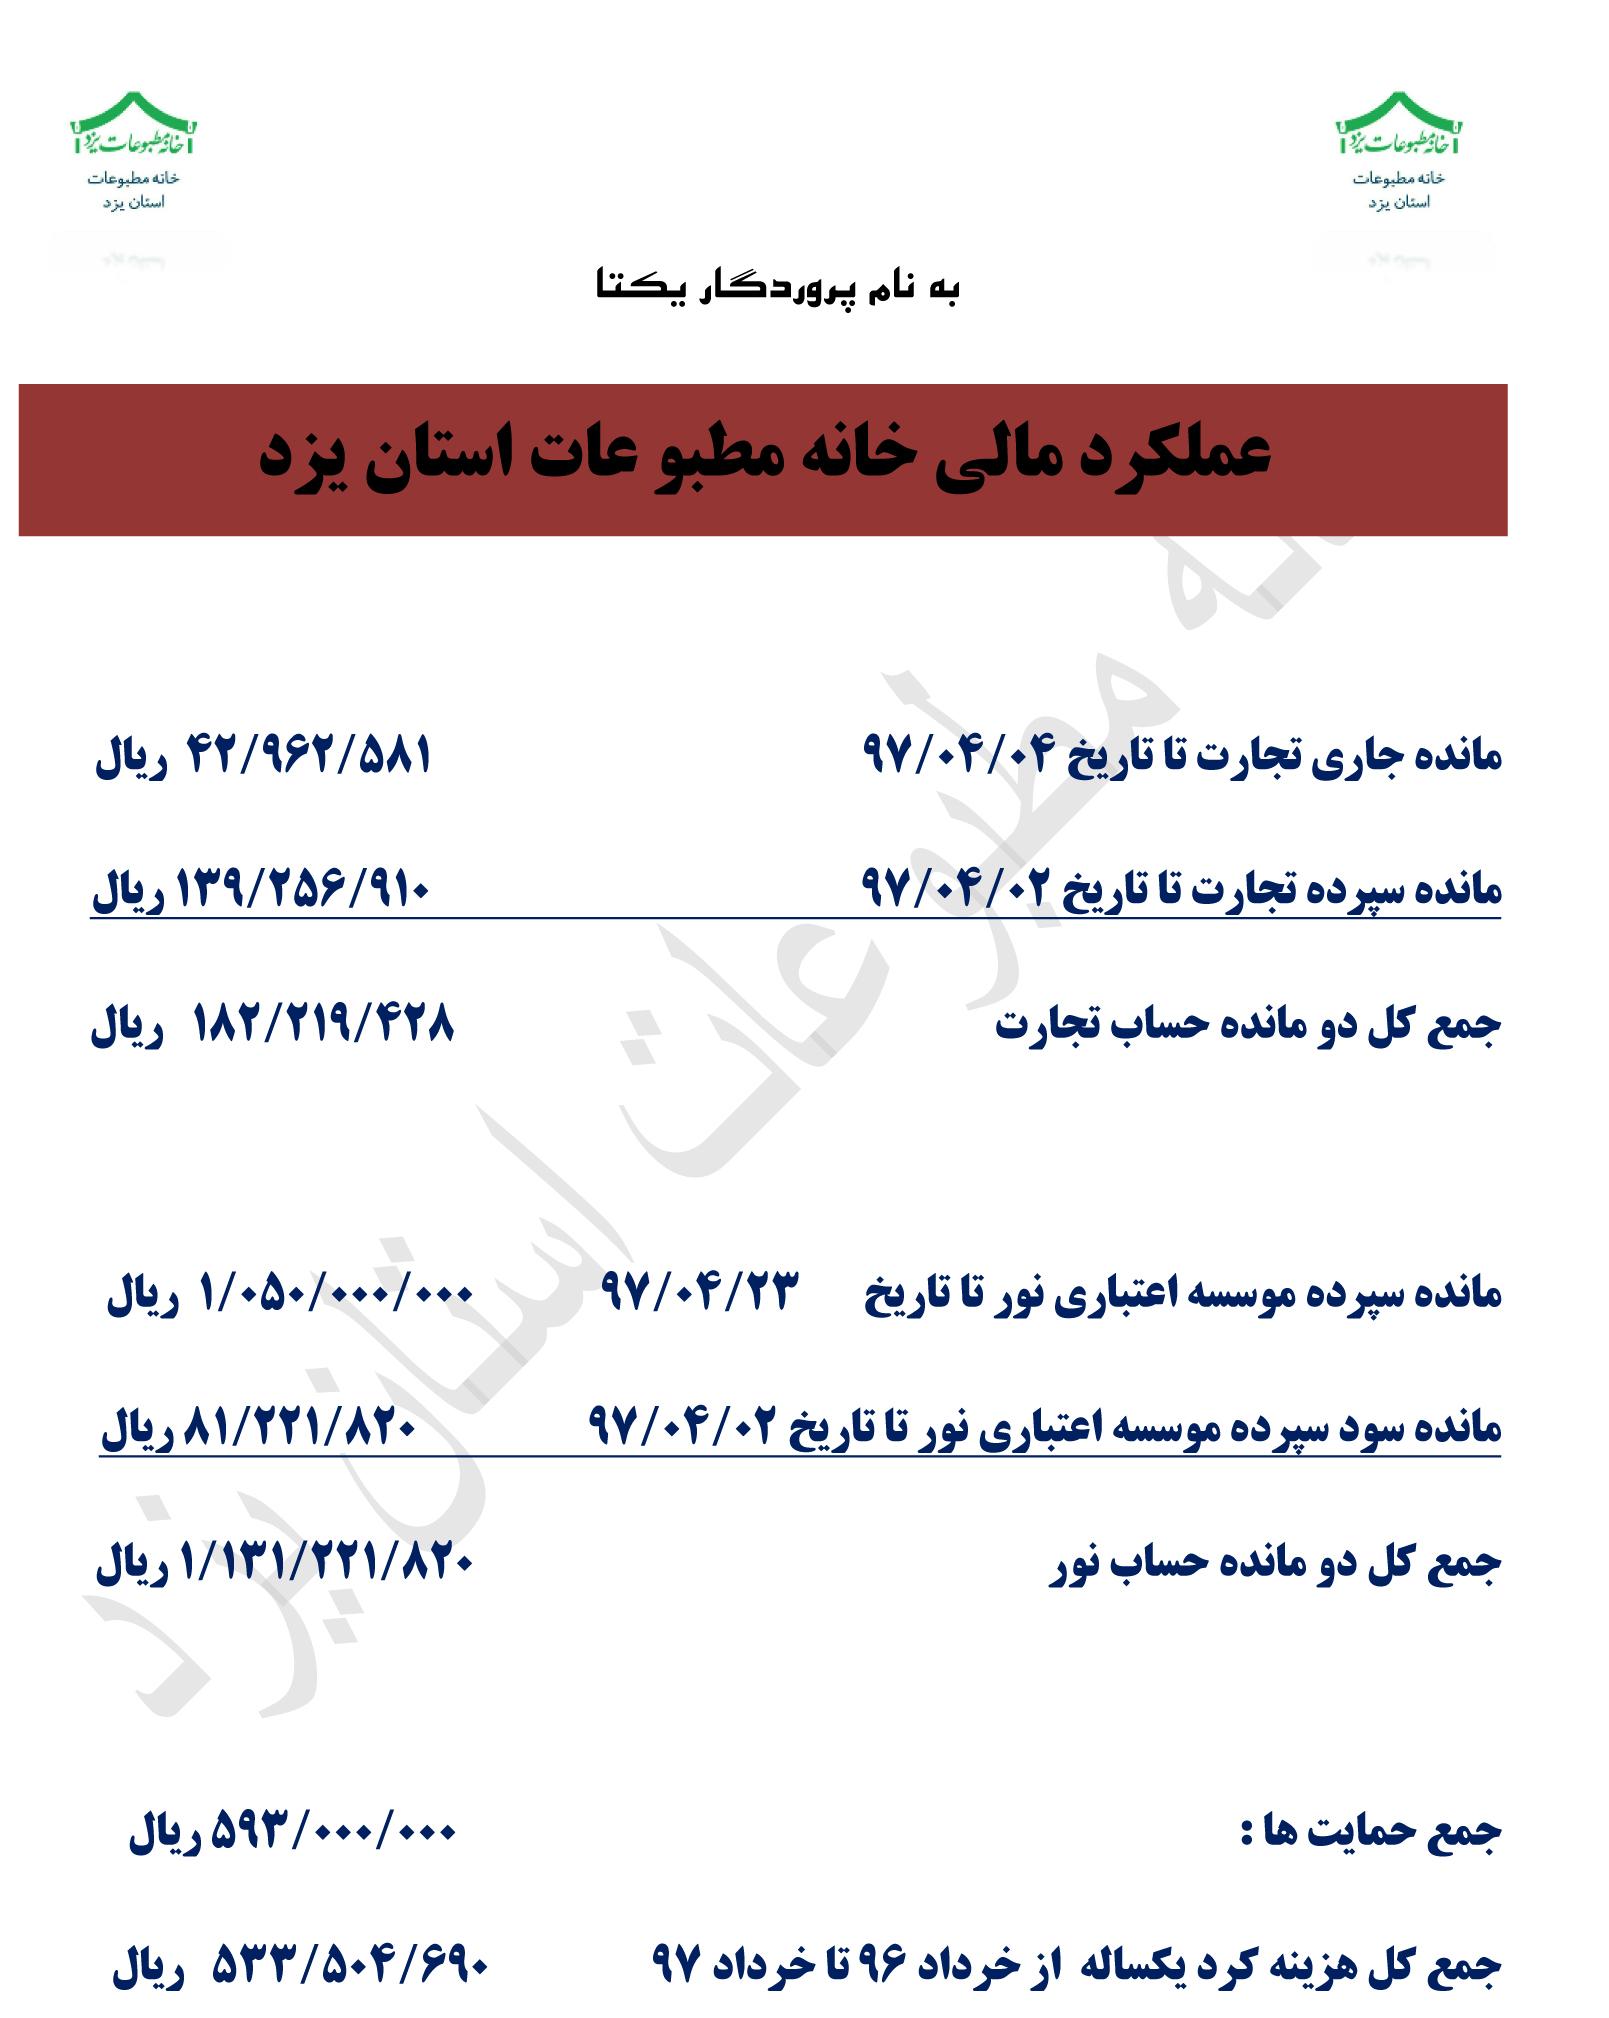 عملکرد یکساله مالی خانه مطبوعات استان یزد